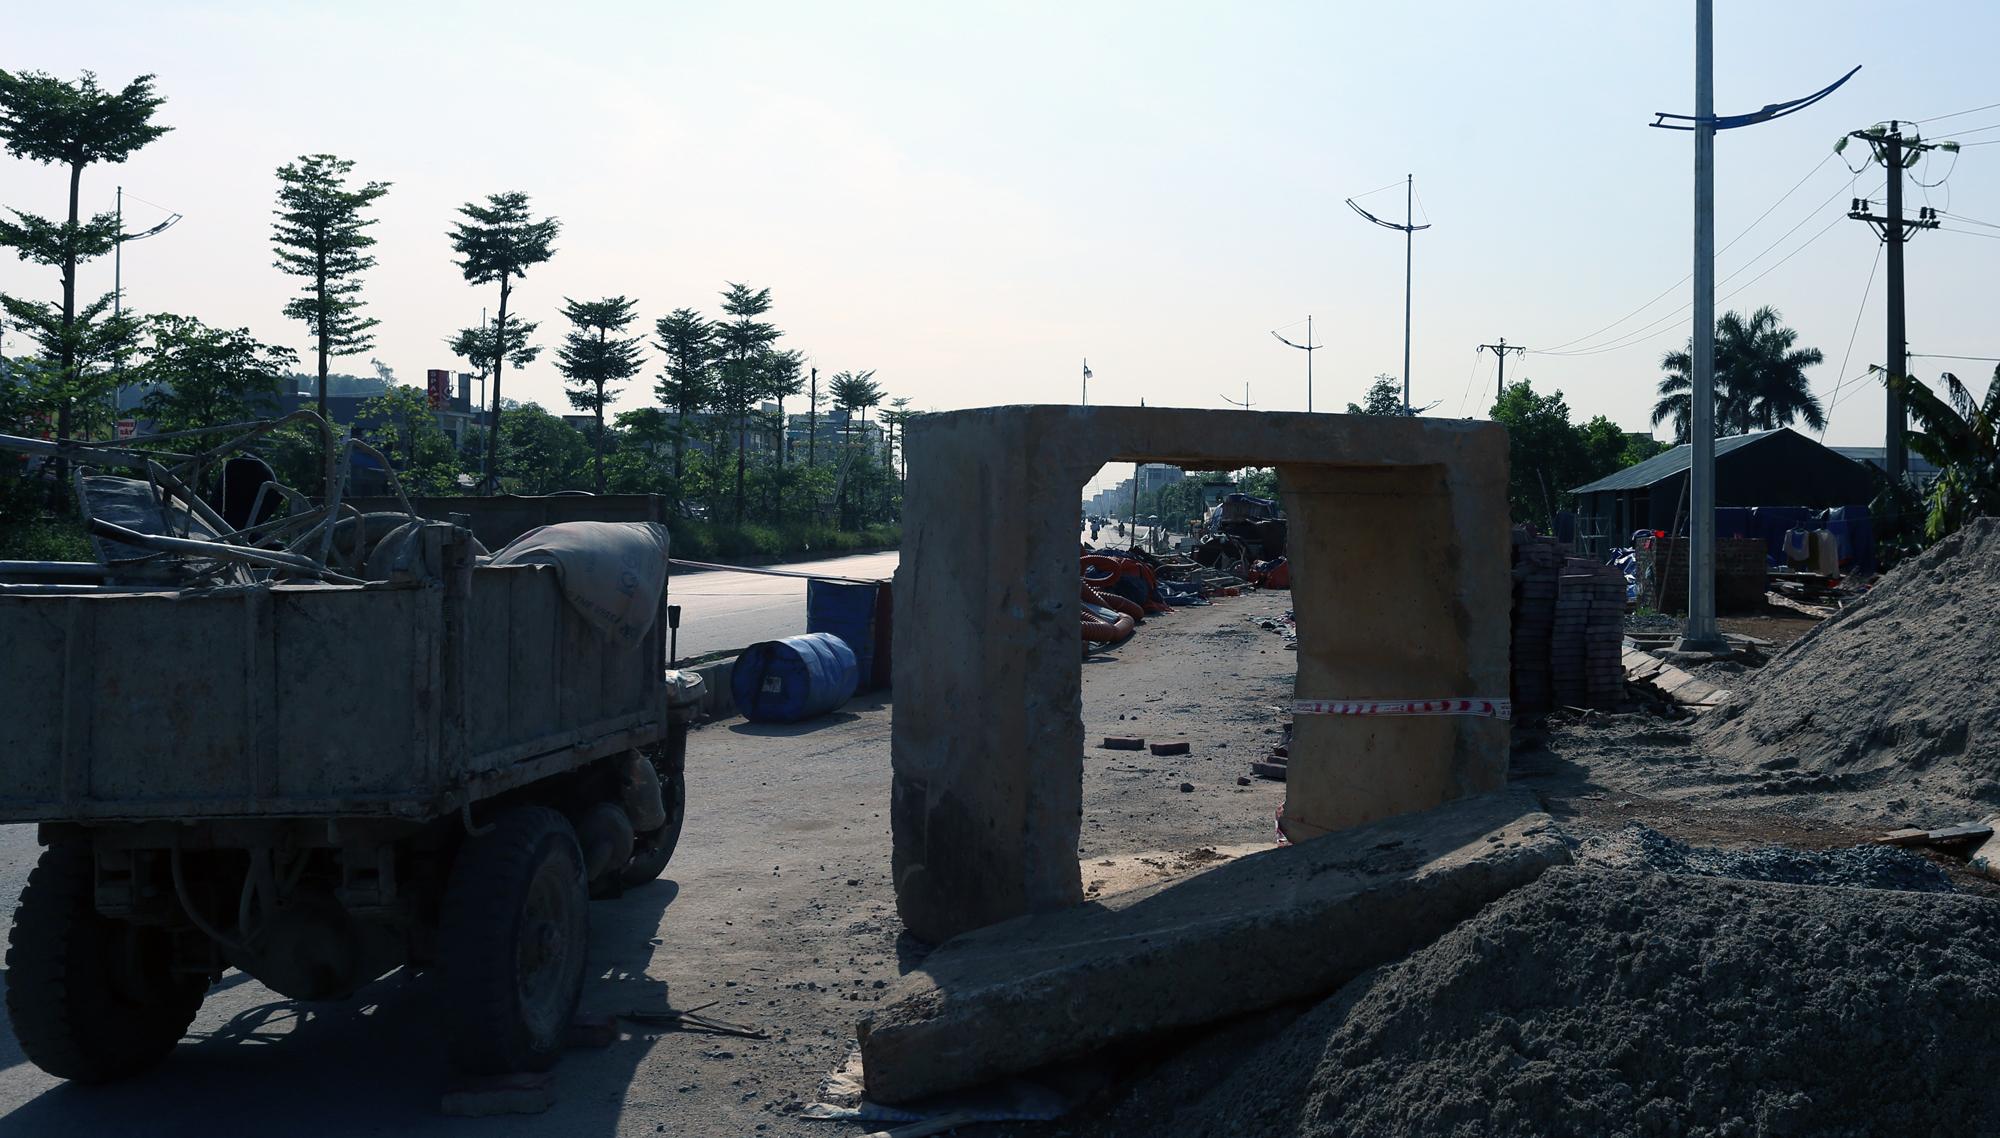 QL6 - cửa ngõ Thủ đô duy nhất chỉ có 2 làn xe vẫn là công trường dang dở sau 10 năm phê duyệt dự án cải tạo, nâng cấp - Ảnh 16.